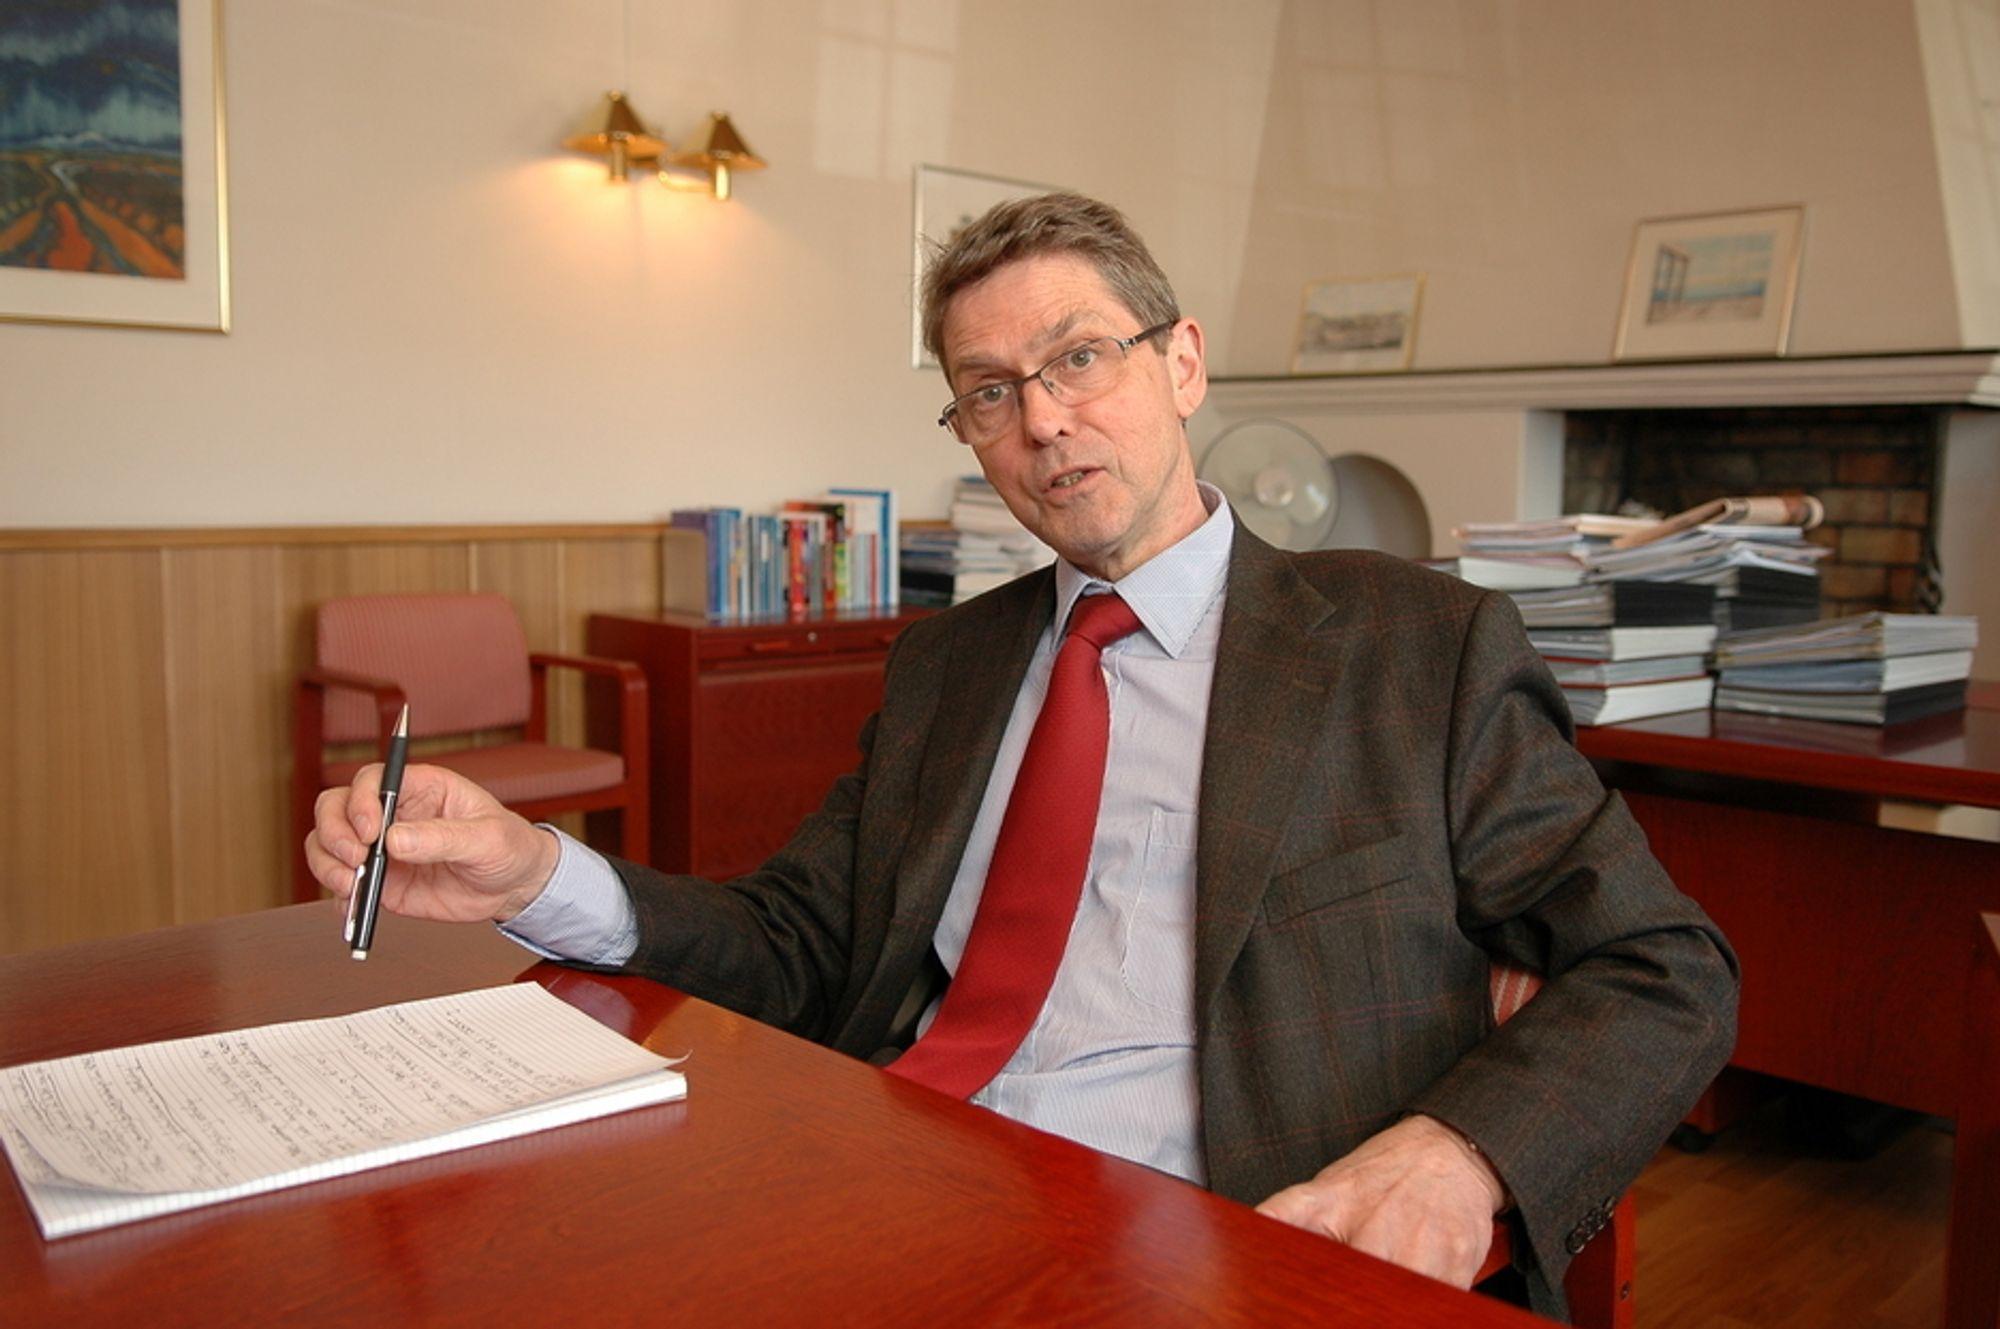 - Vi må skille mellom profesjonsutdanning og forskning. Det bør være mulig å tilby en tilfredsstillende profesjonsutdanning uten at det skal måtte skje ved et universitet, sier avtroppende IFE-direktør Kjell Bendiksen.